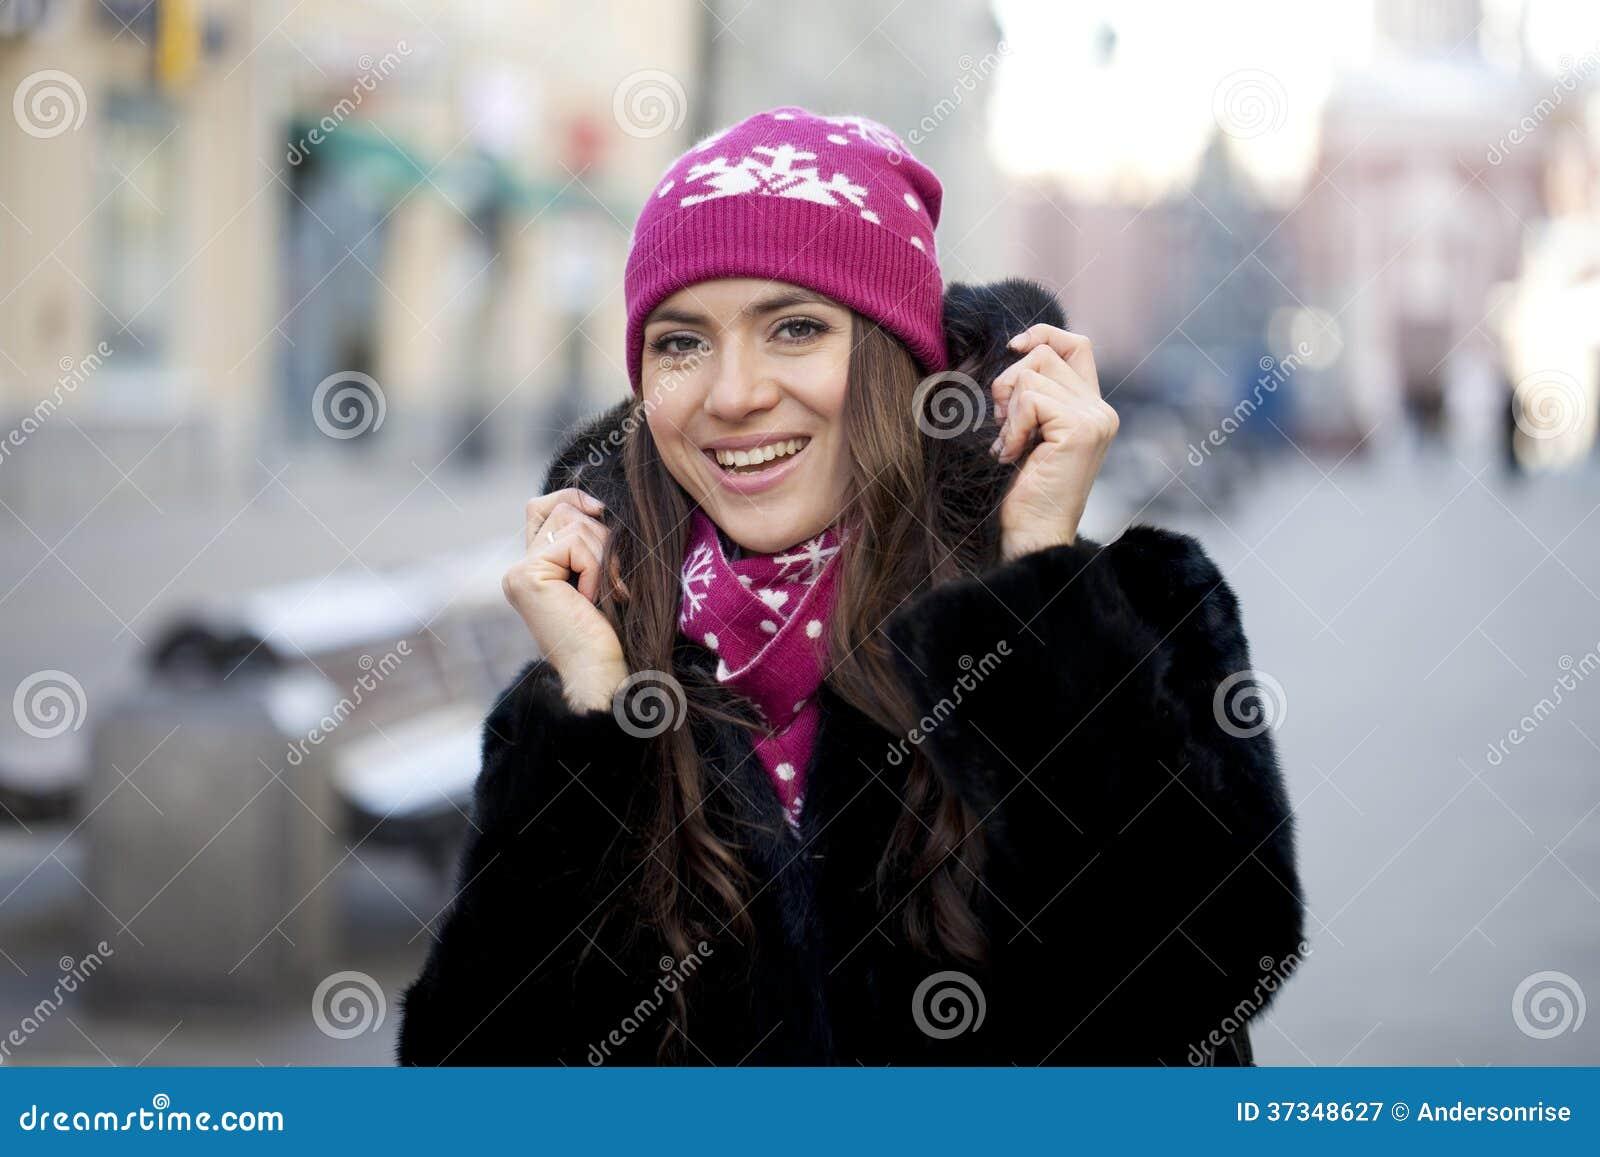 Glückliche junge Frau auf einem Hintergrund einer Winterstadt